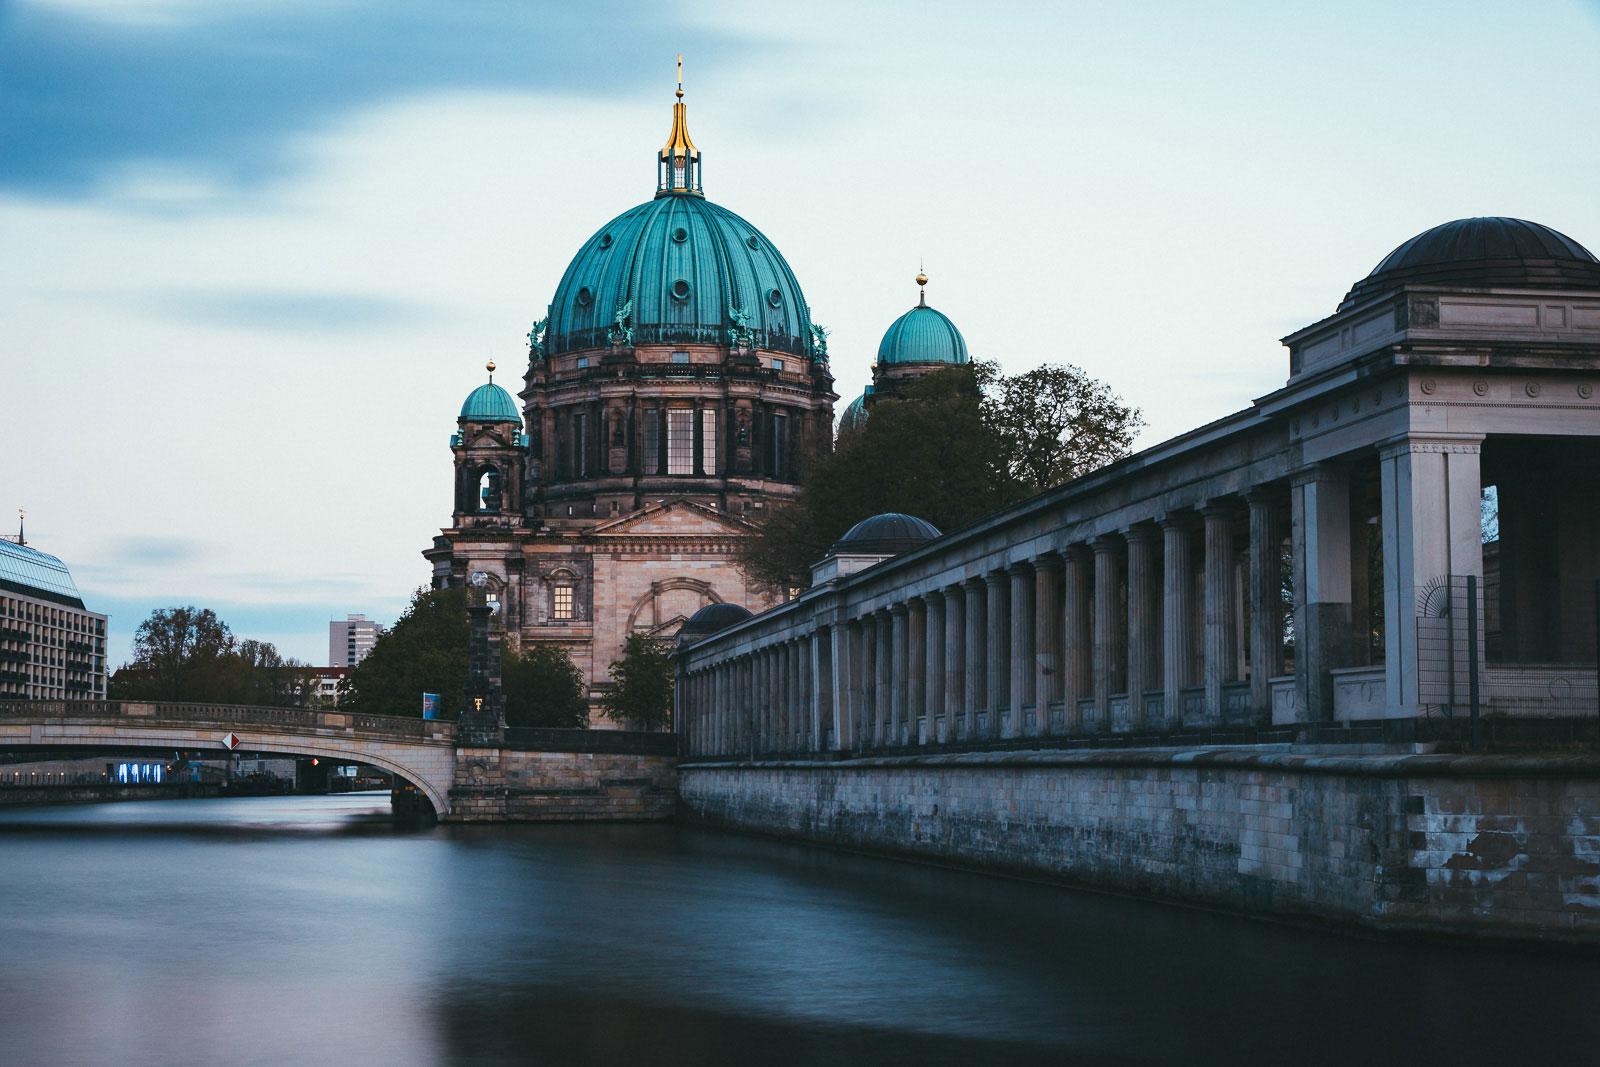 Mein liebster Fotospot: der Berliner Dom von hinten mit der Alten Nationalgalerie und Friedrichsbrücke.